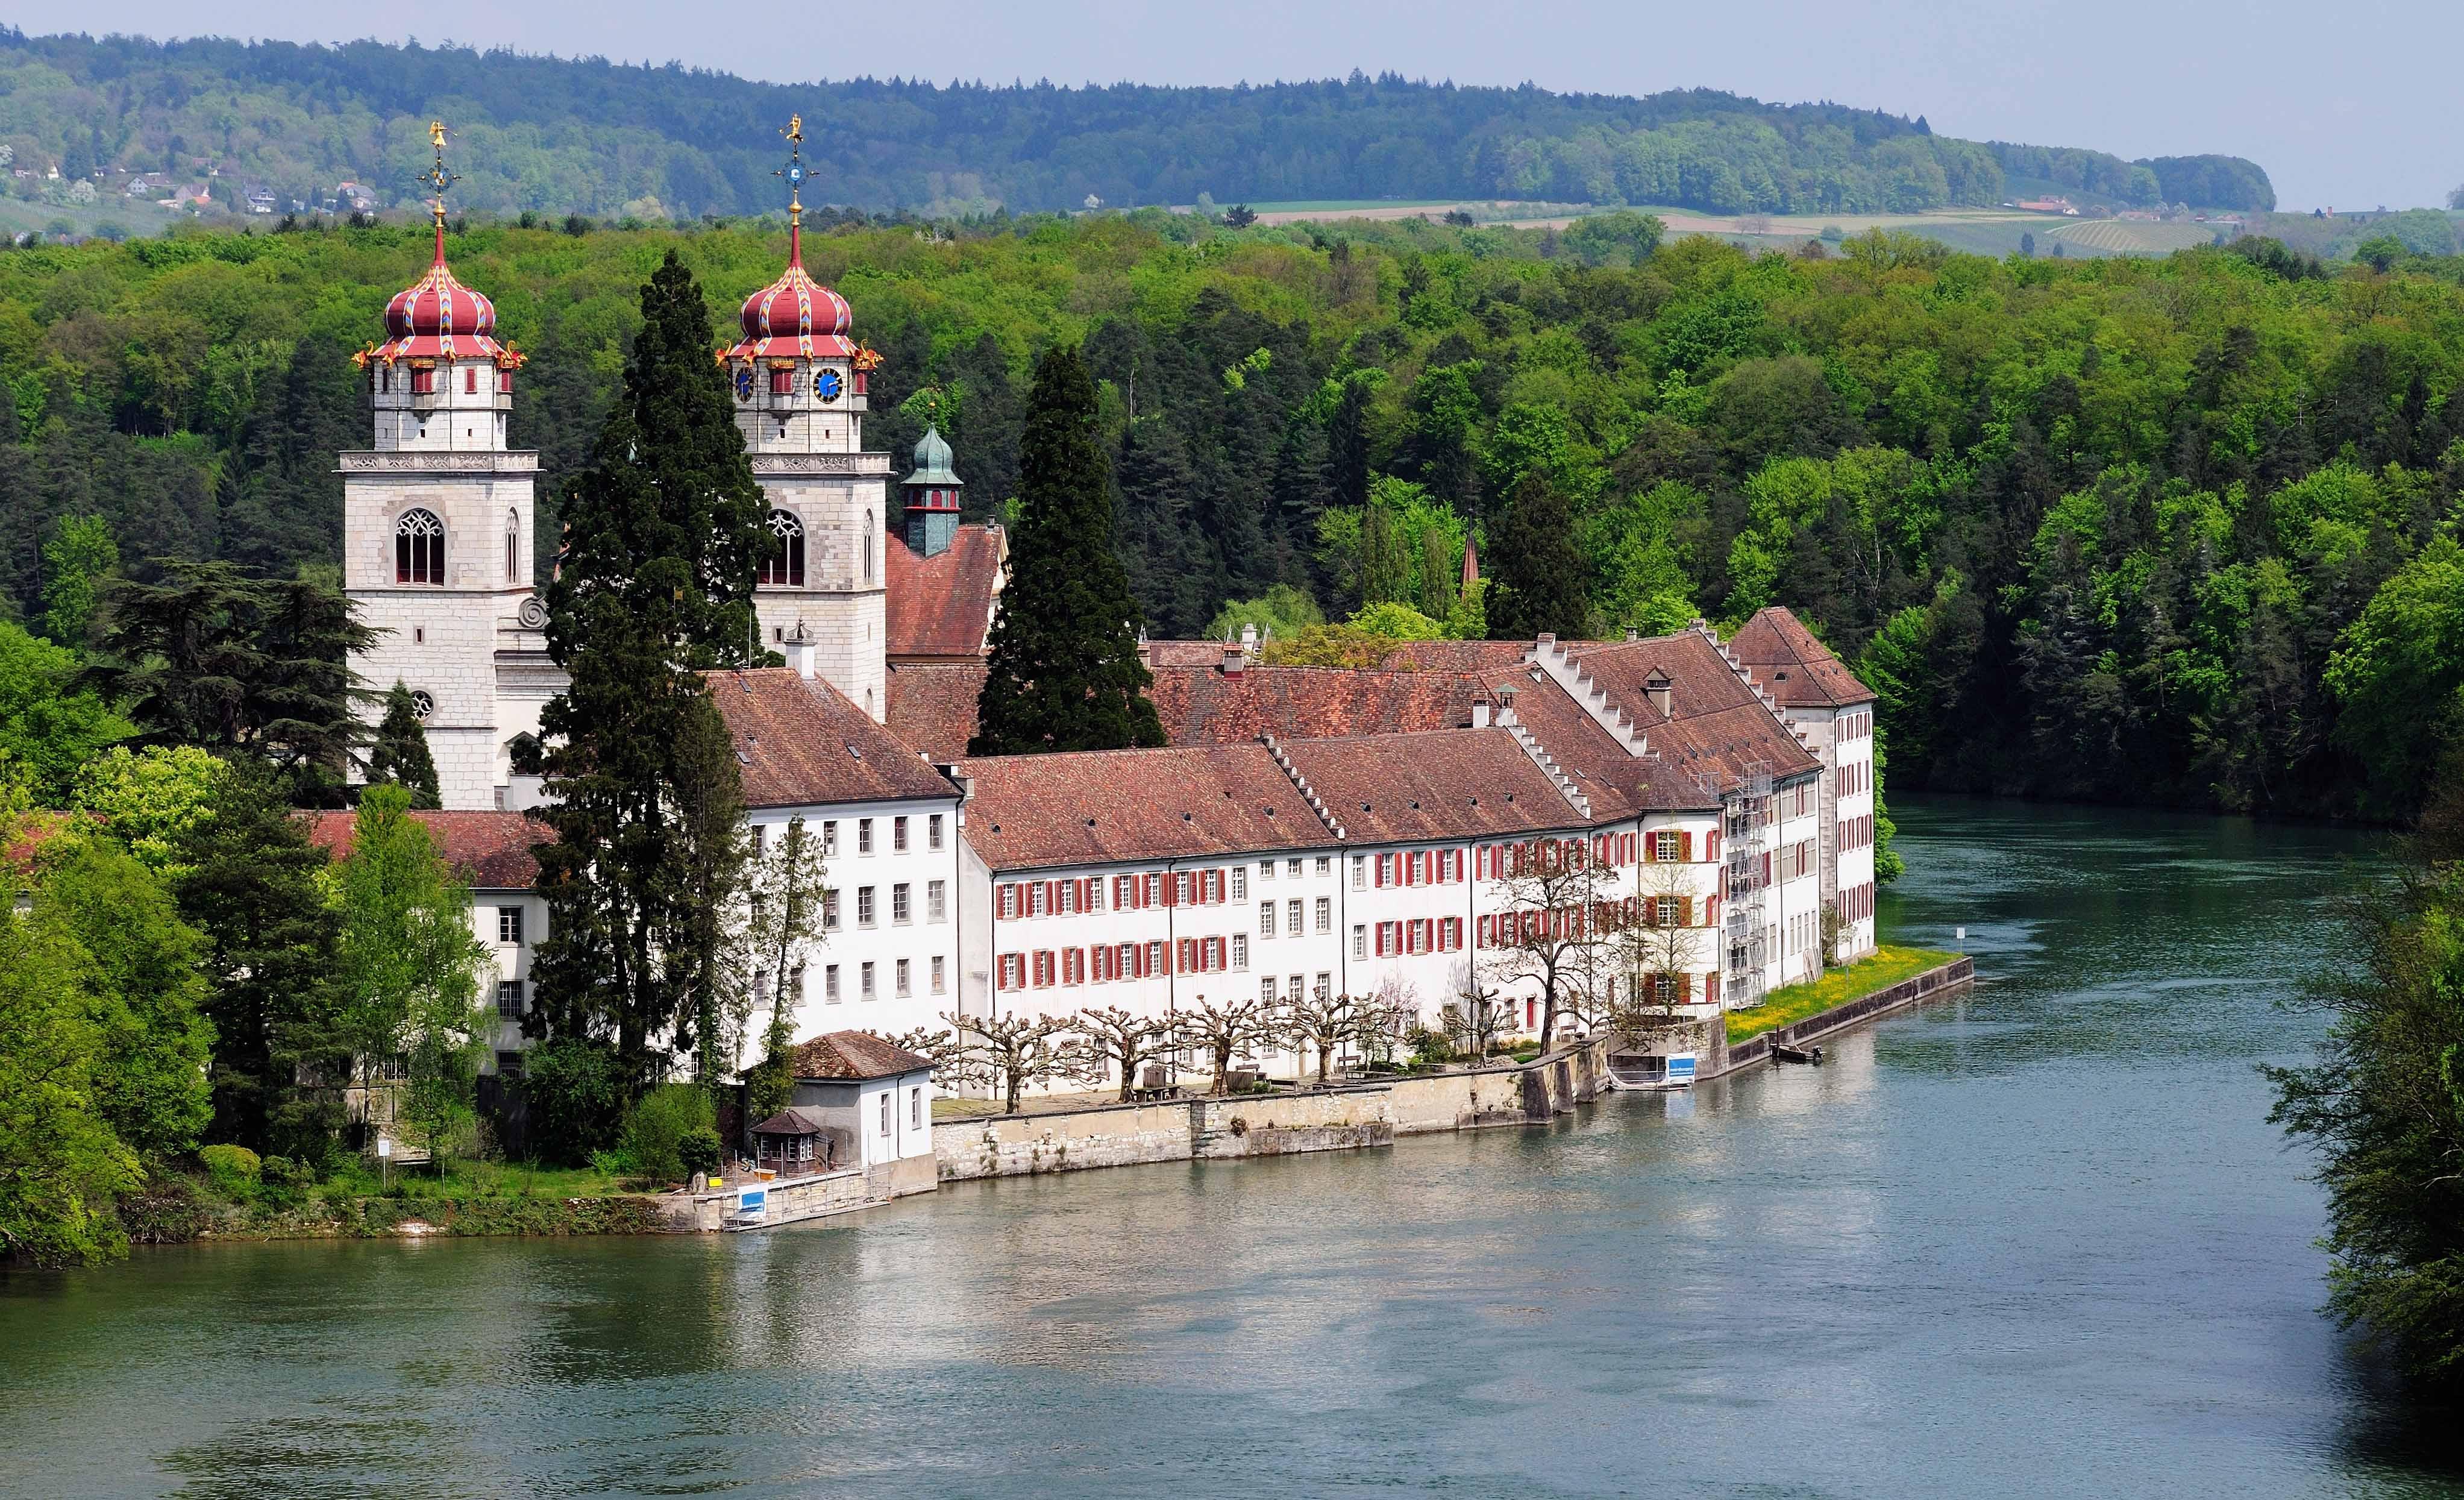 Die Klosterkirche mit den zwei roten Zwiebeltürmen und den Klostergebäuden auf der Insel im Rhein bei Rheinau